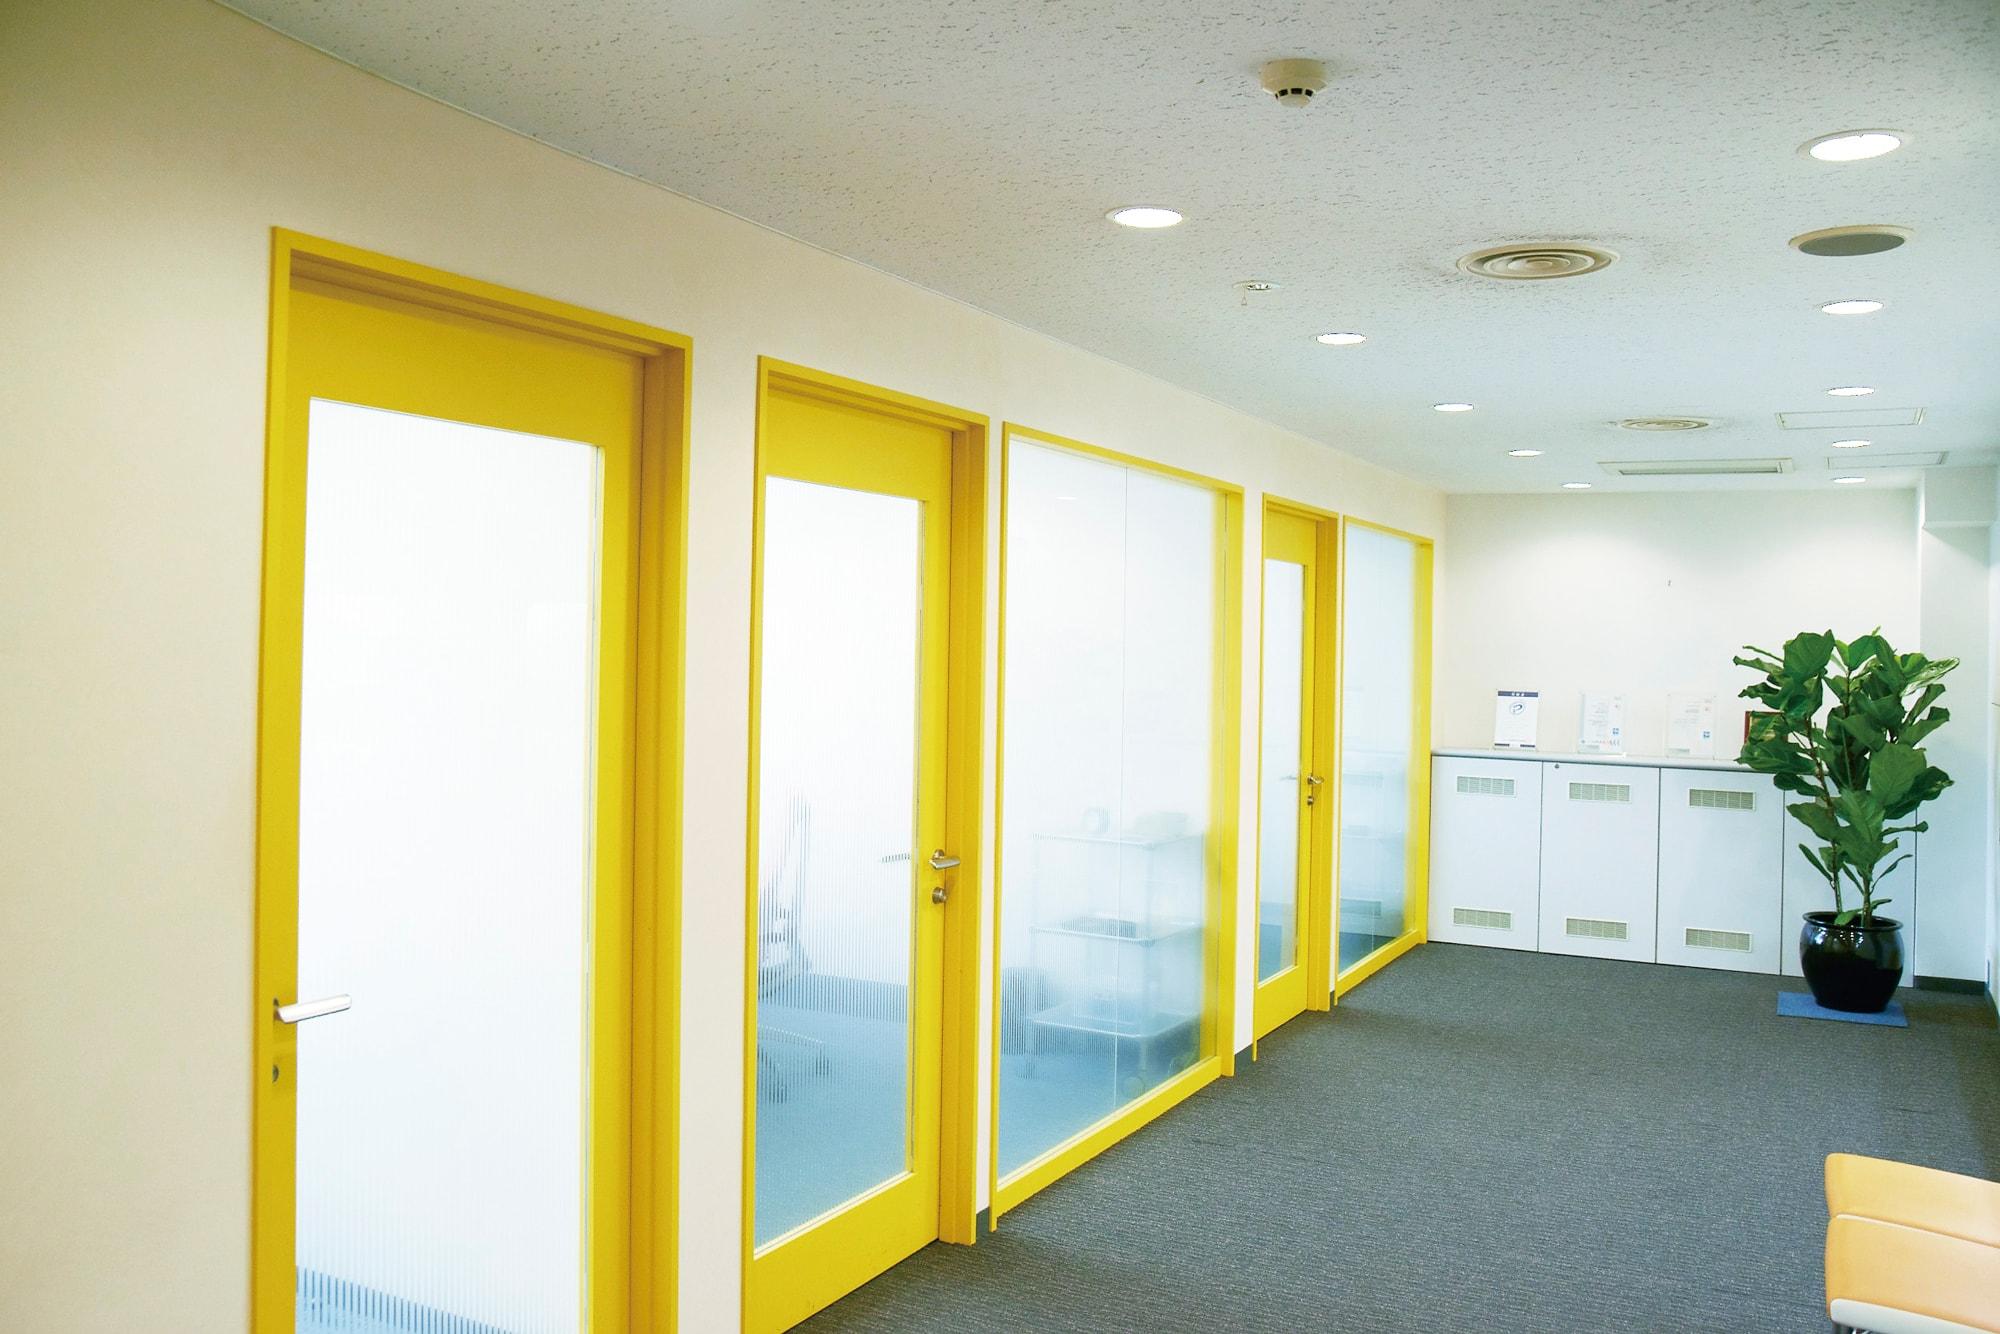 赤坂本部の7階、会議室前フロア。黄色の縁取りが明るい印象です。